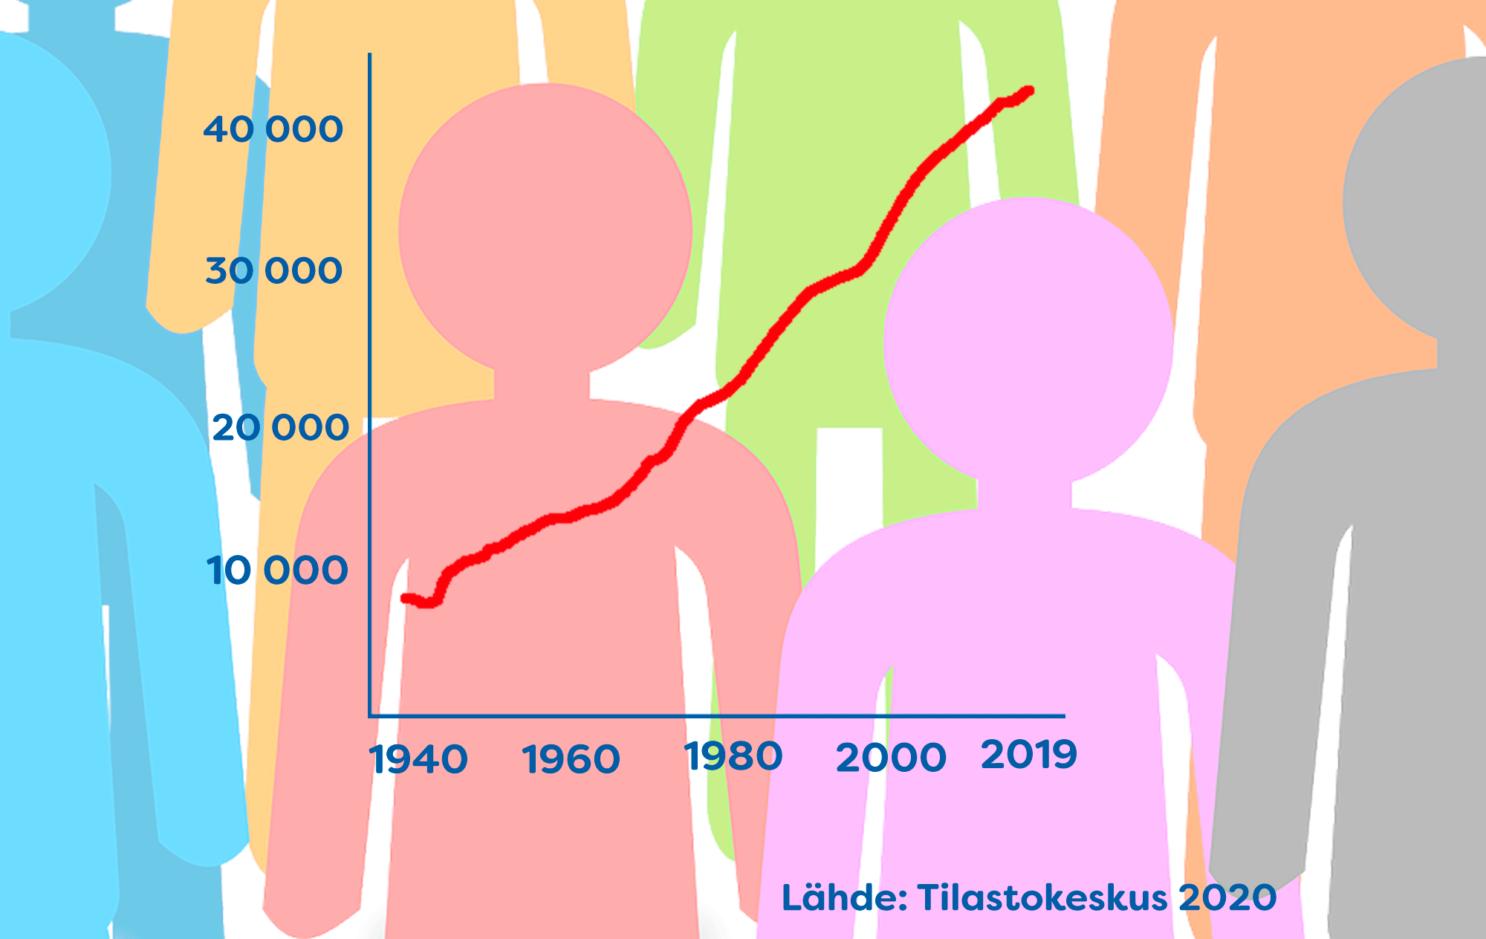 Nurmijärven väestönkehitys 1940-2019